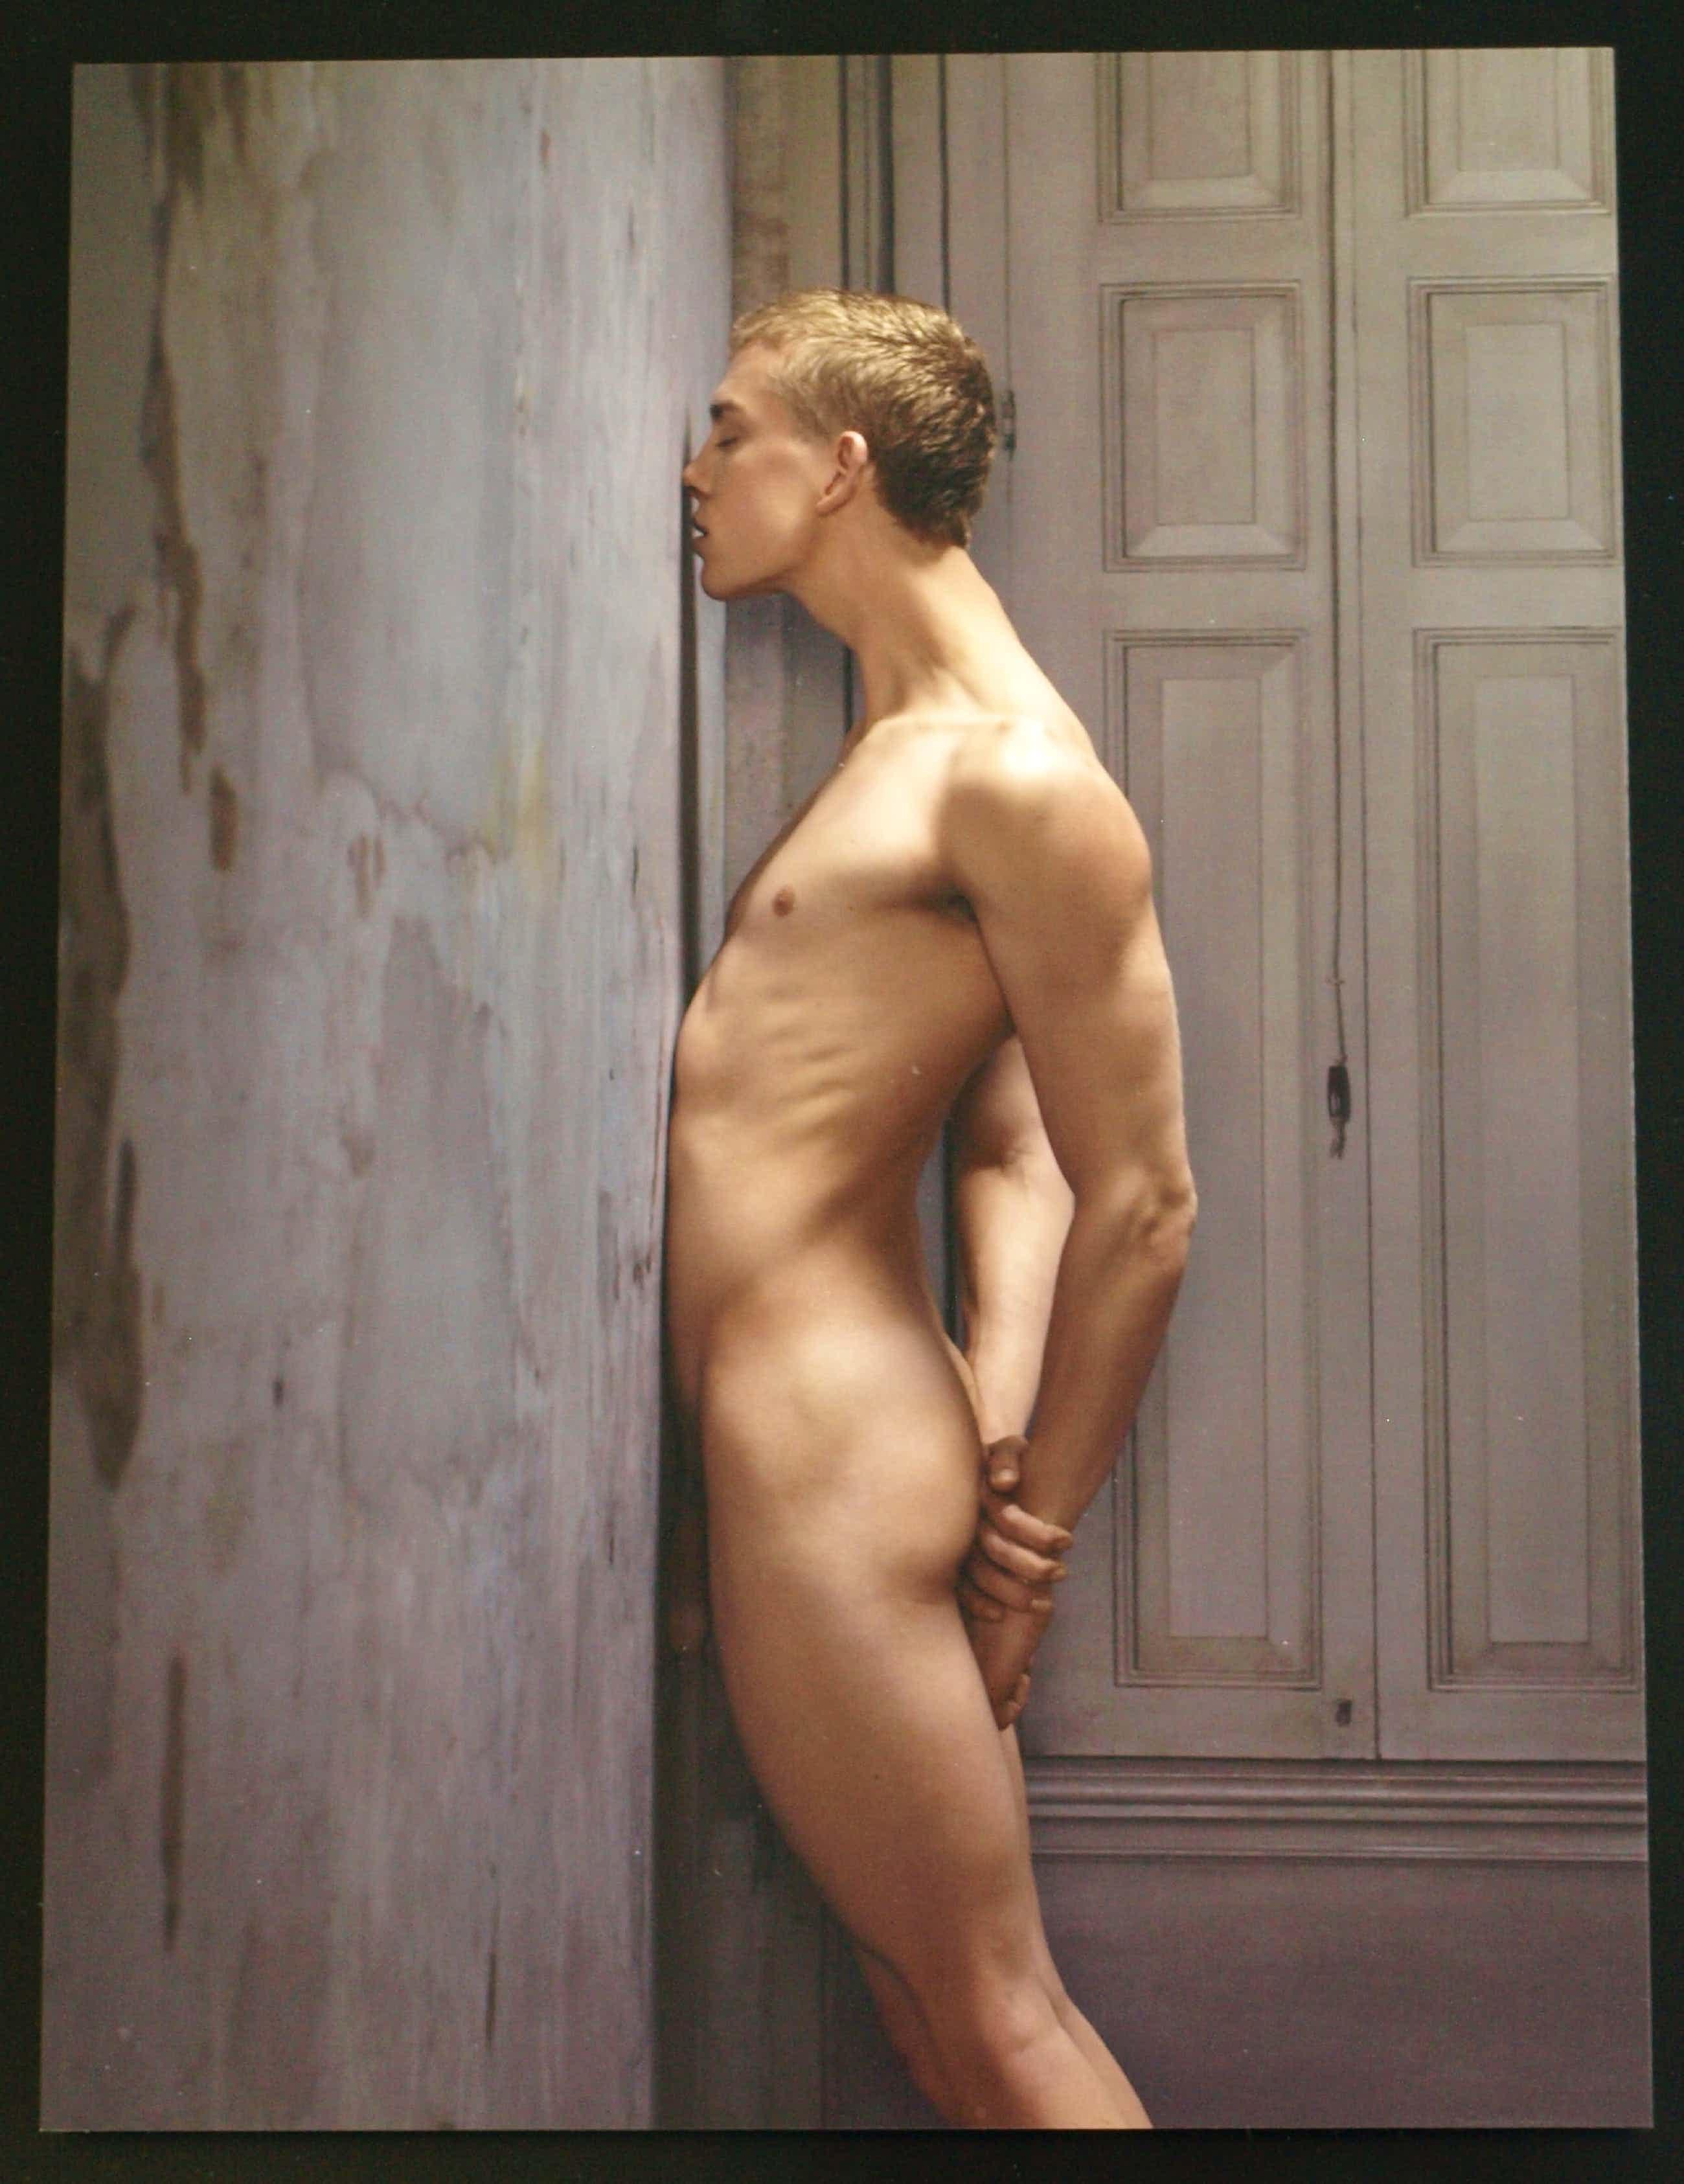 Erwin Olaf - Ingelijste foto uit de serie Skin Deep , Male Nude No. 01 - 2015 kopen? Bied vanaf 2500!